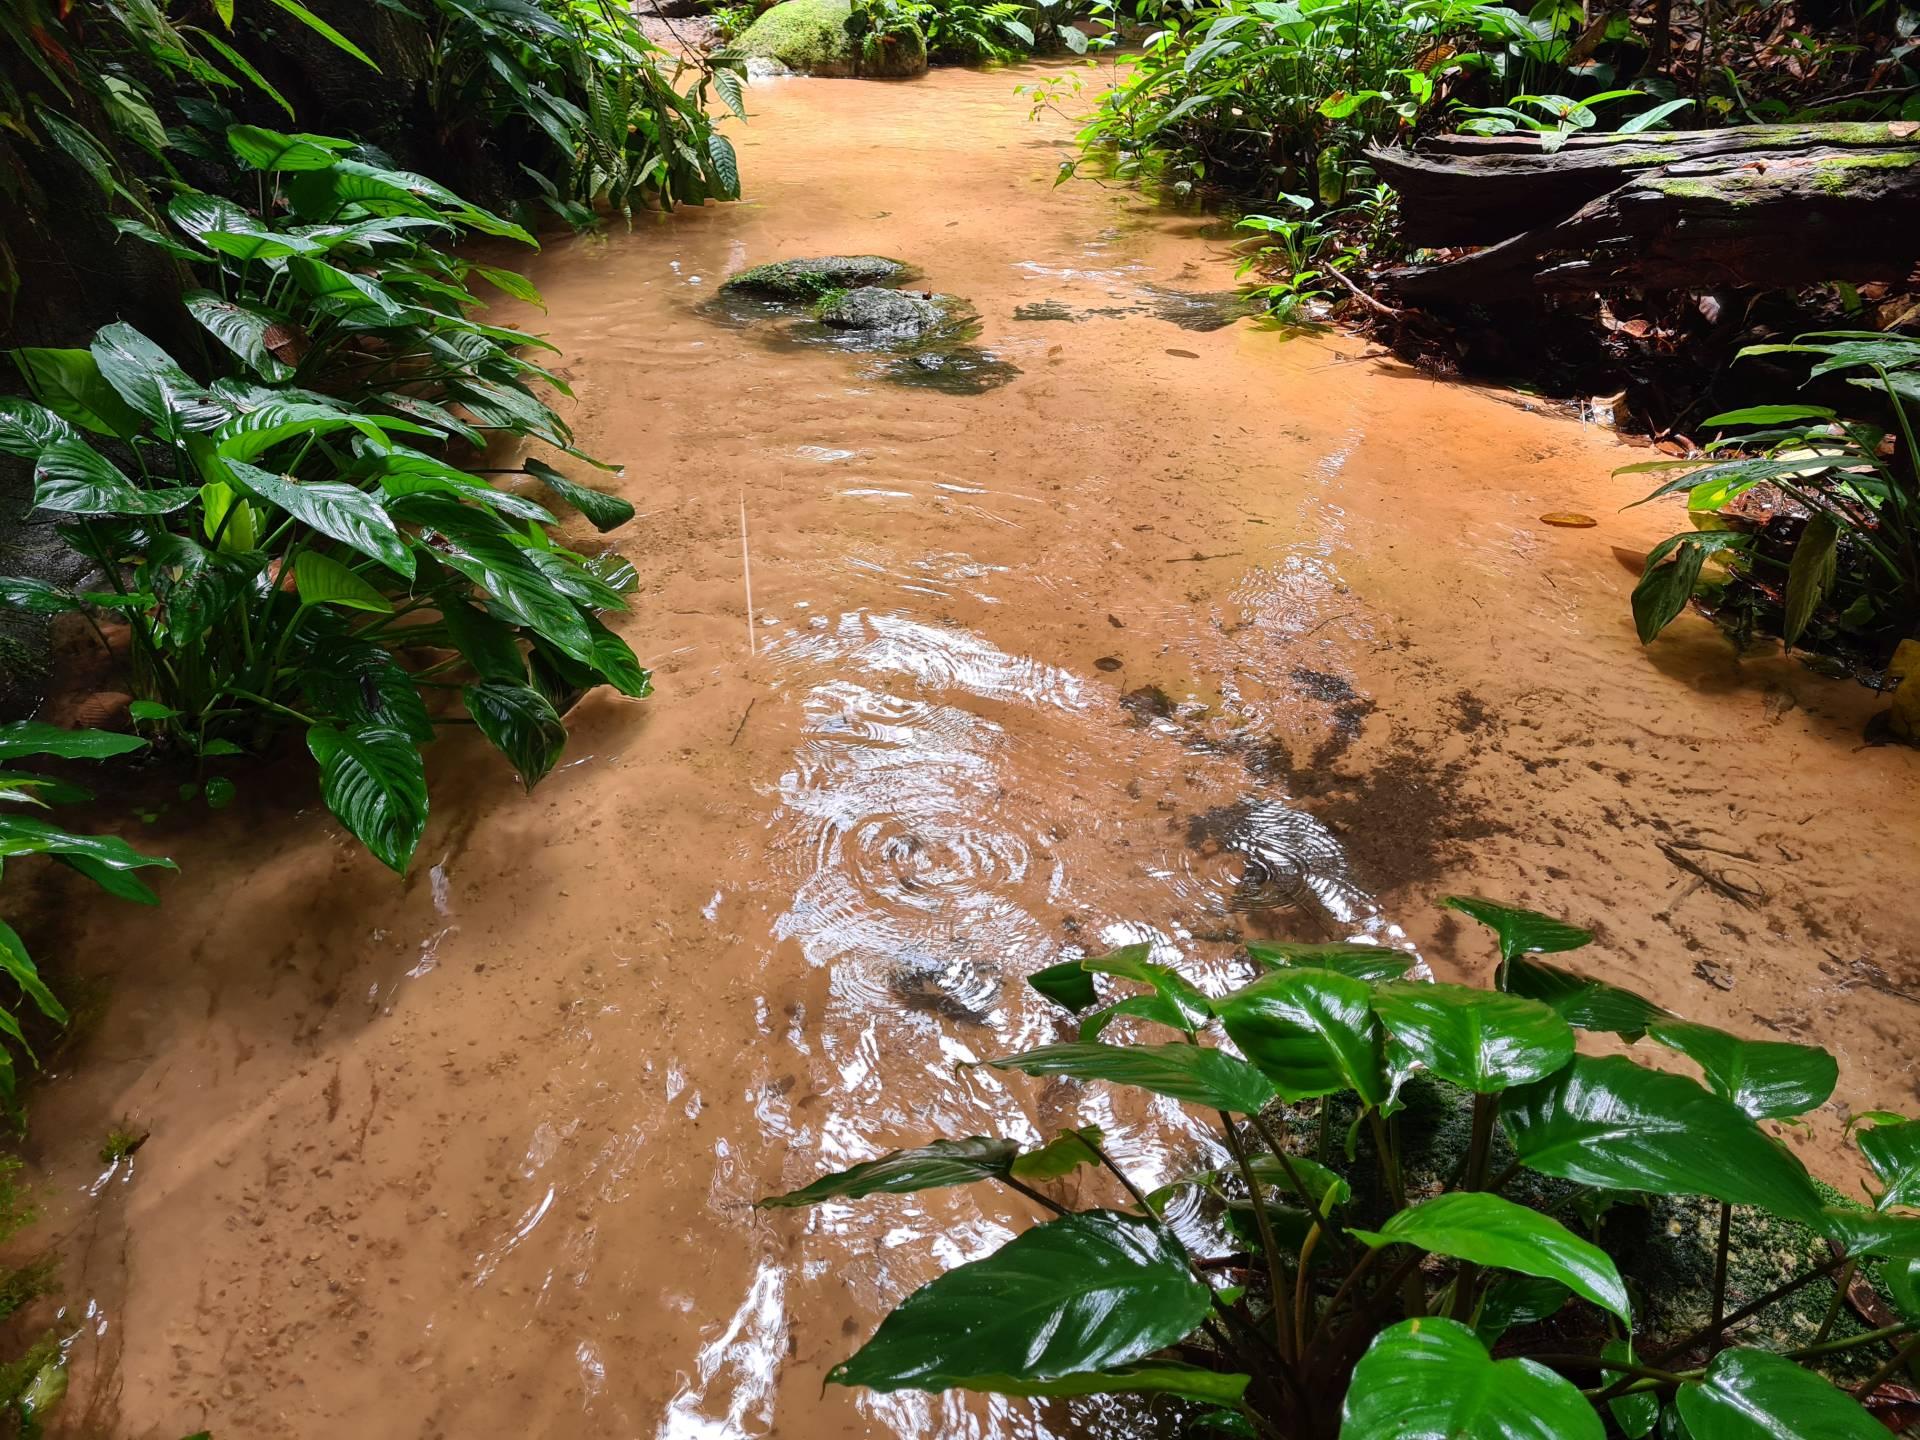 лесной ручей в джунглях Бразилии